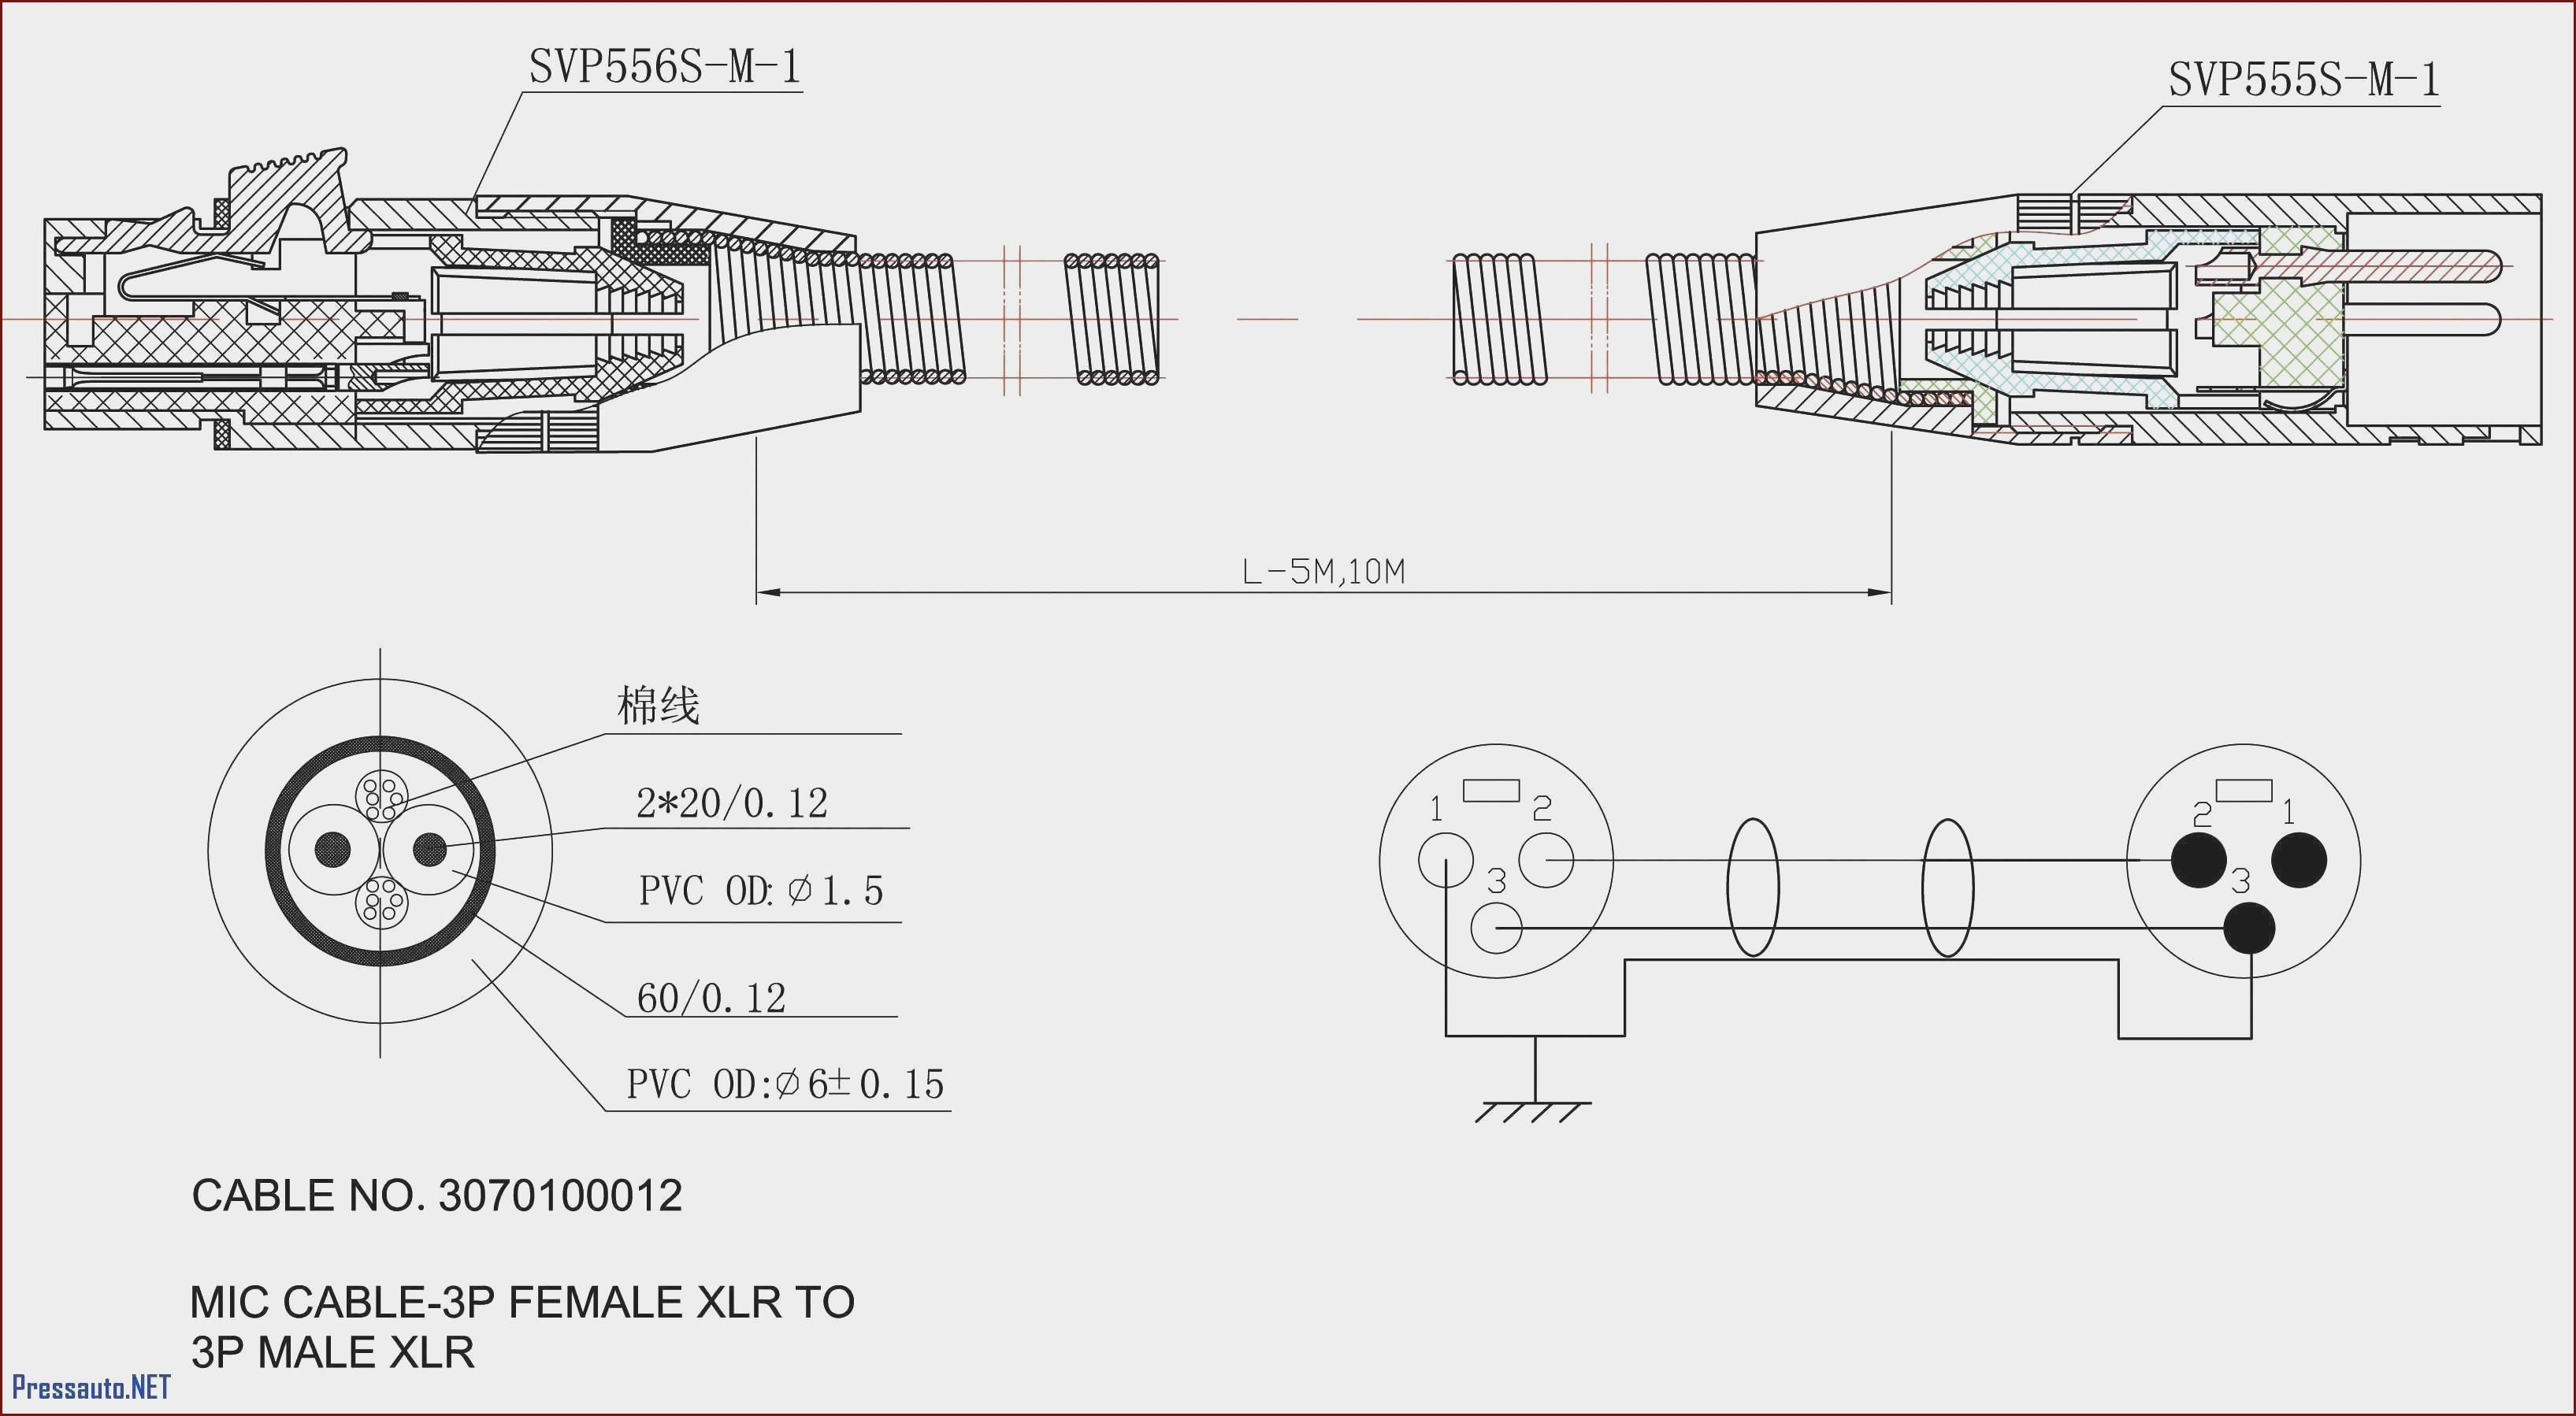 5 Pin Trailer Wiring Diagram Hudson Trailer Wiring Diagram at Manuals Library Of 5 Pin Trailer Wiring Diagram